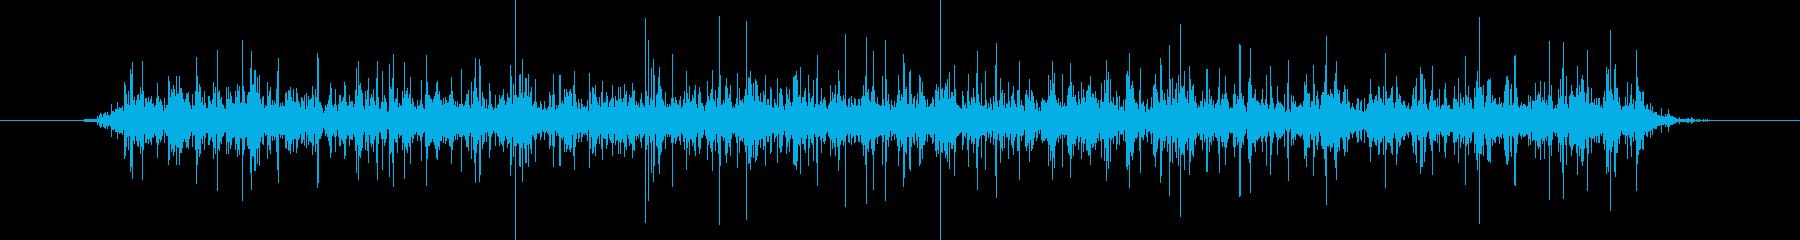 あったかいお鍋のぐつぐつ音(ガスコンロ)の再生済みの波形